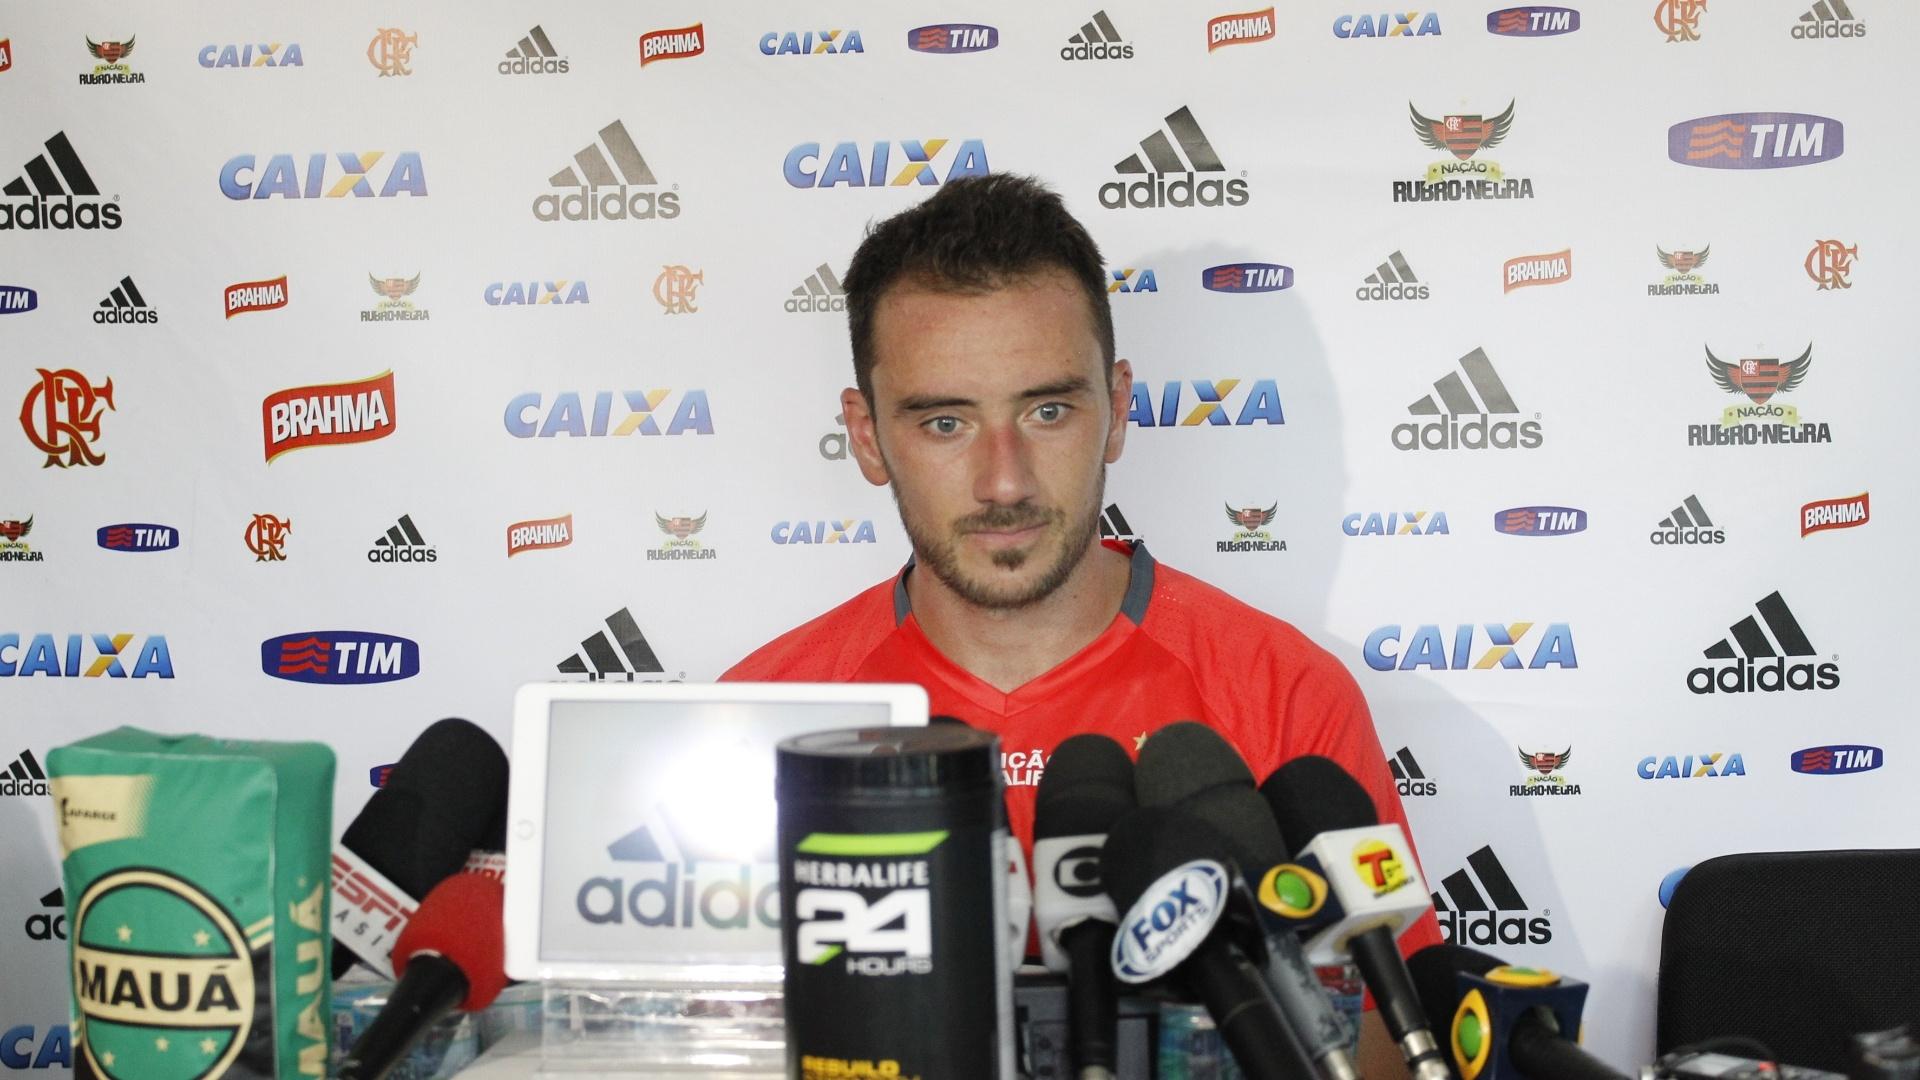 Frederico Mancuello concede entrevista coletiva após marcar dois gols em jogo-treino na Gávea